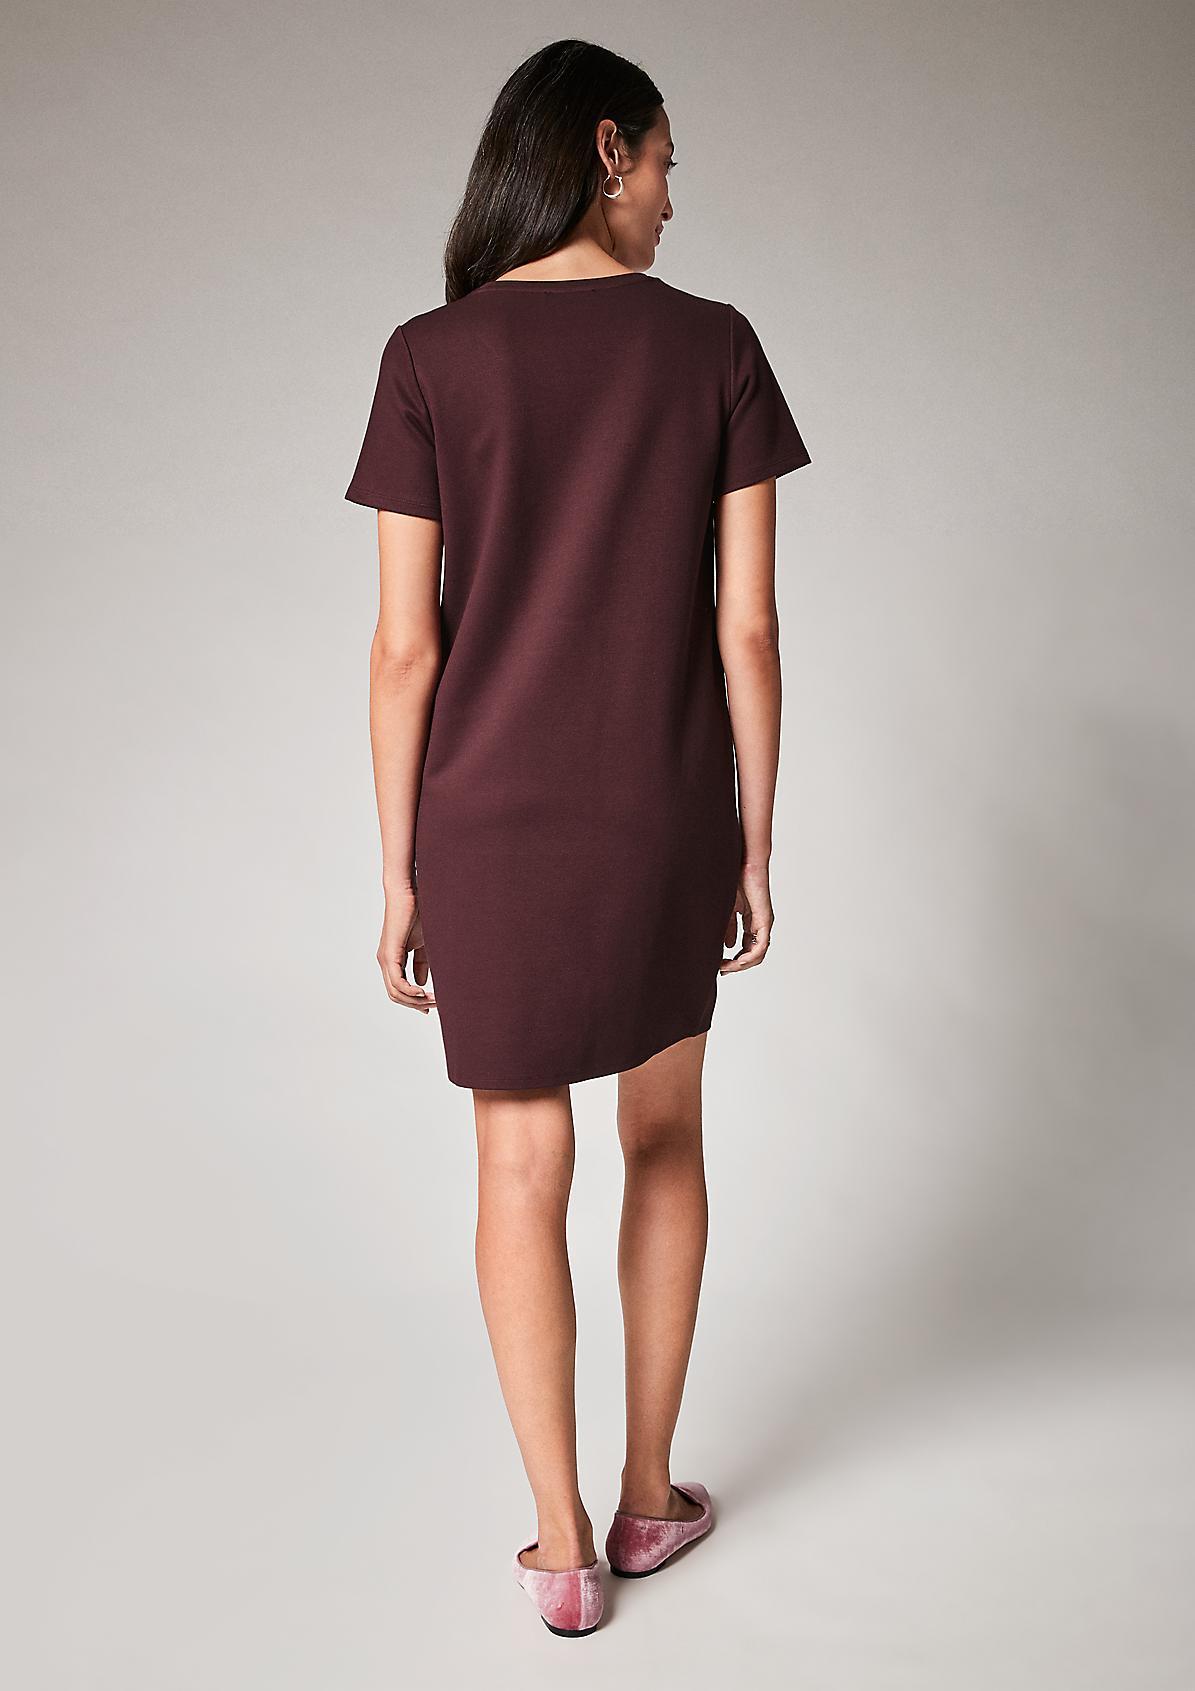 Kleid mit überschnittenen Ärmeln